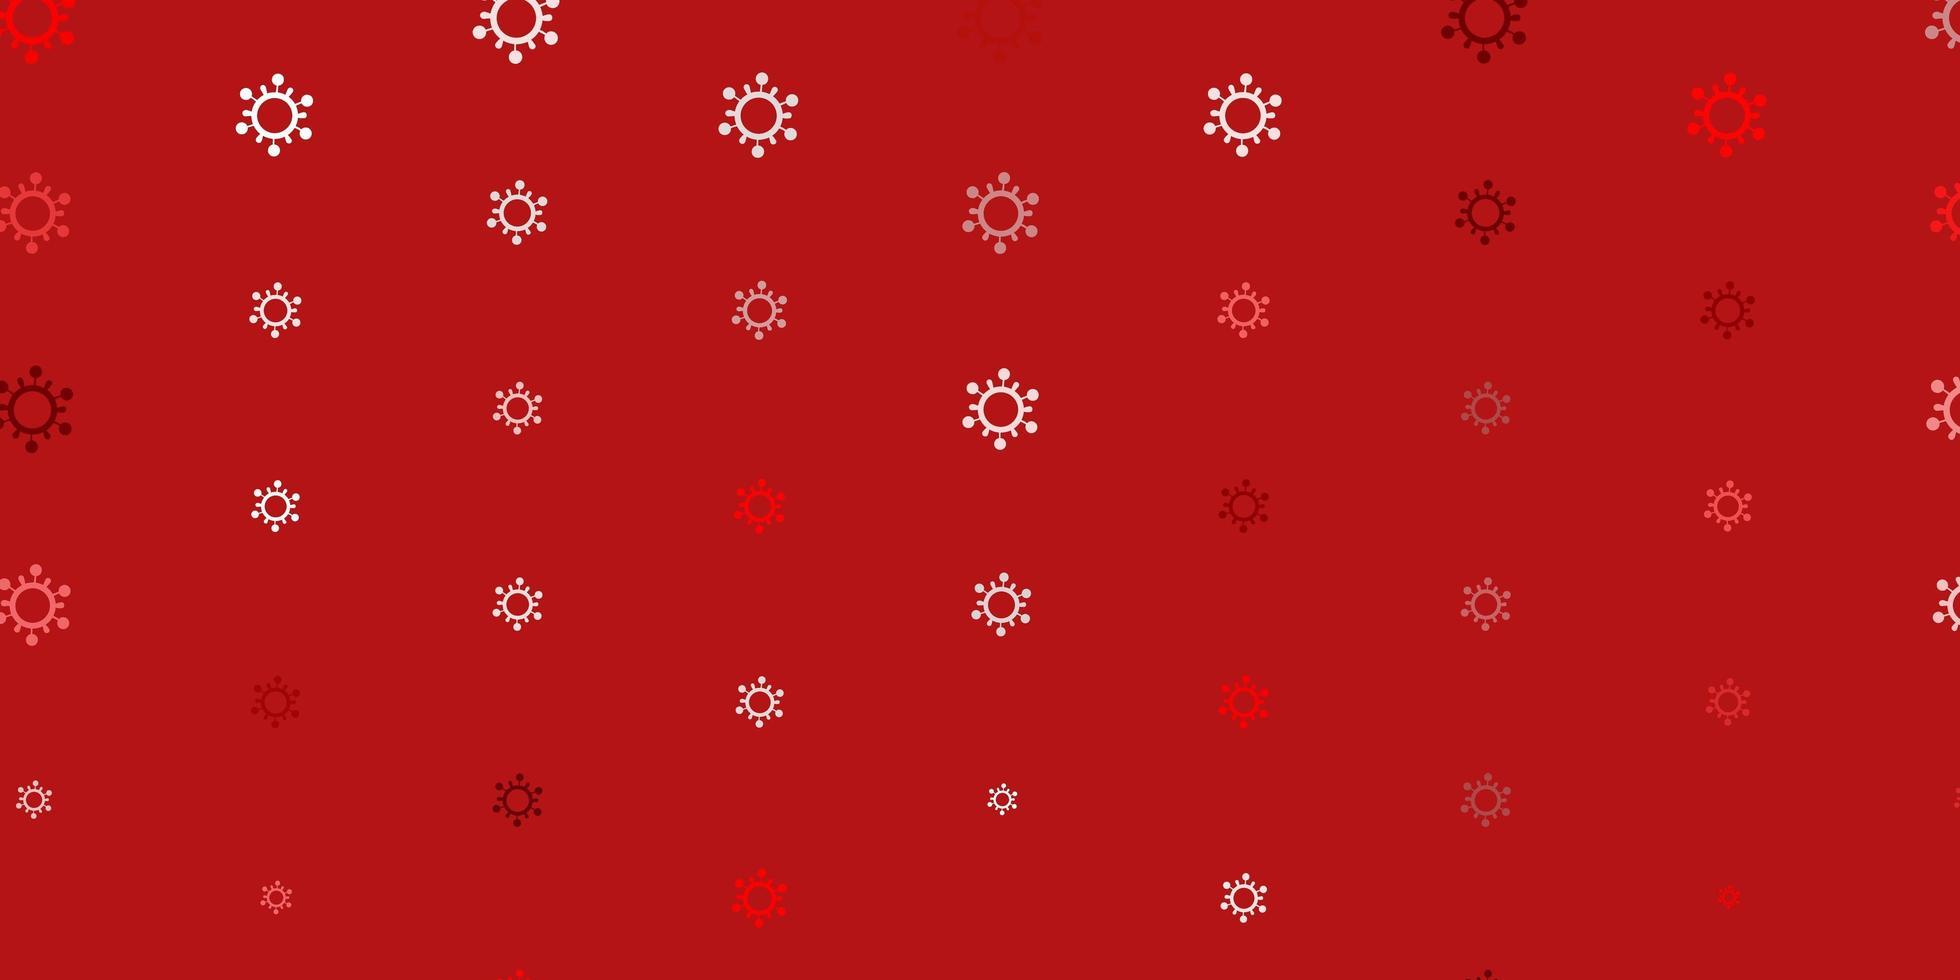 trama rosso chiaro con simboli di malattia. vettore